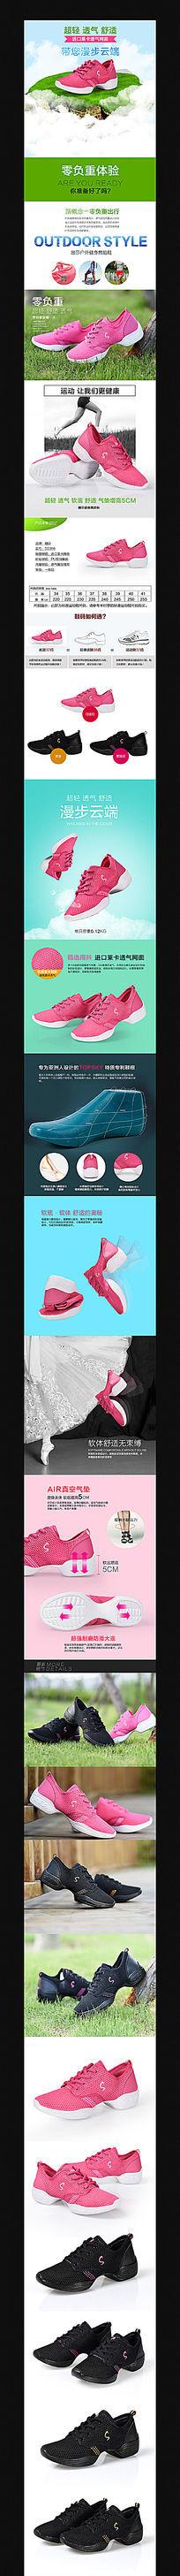 淘宝女鞋运动鞋详情页